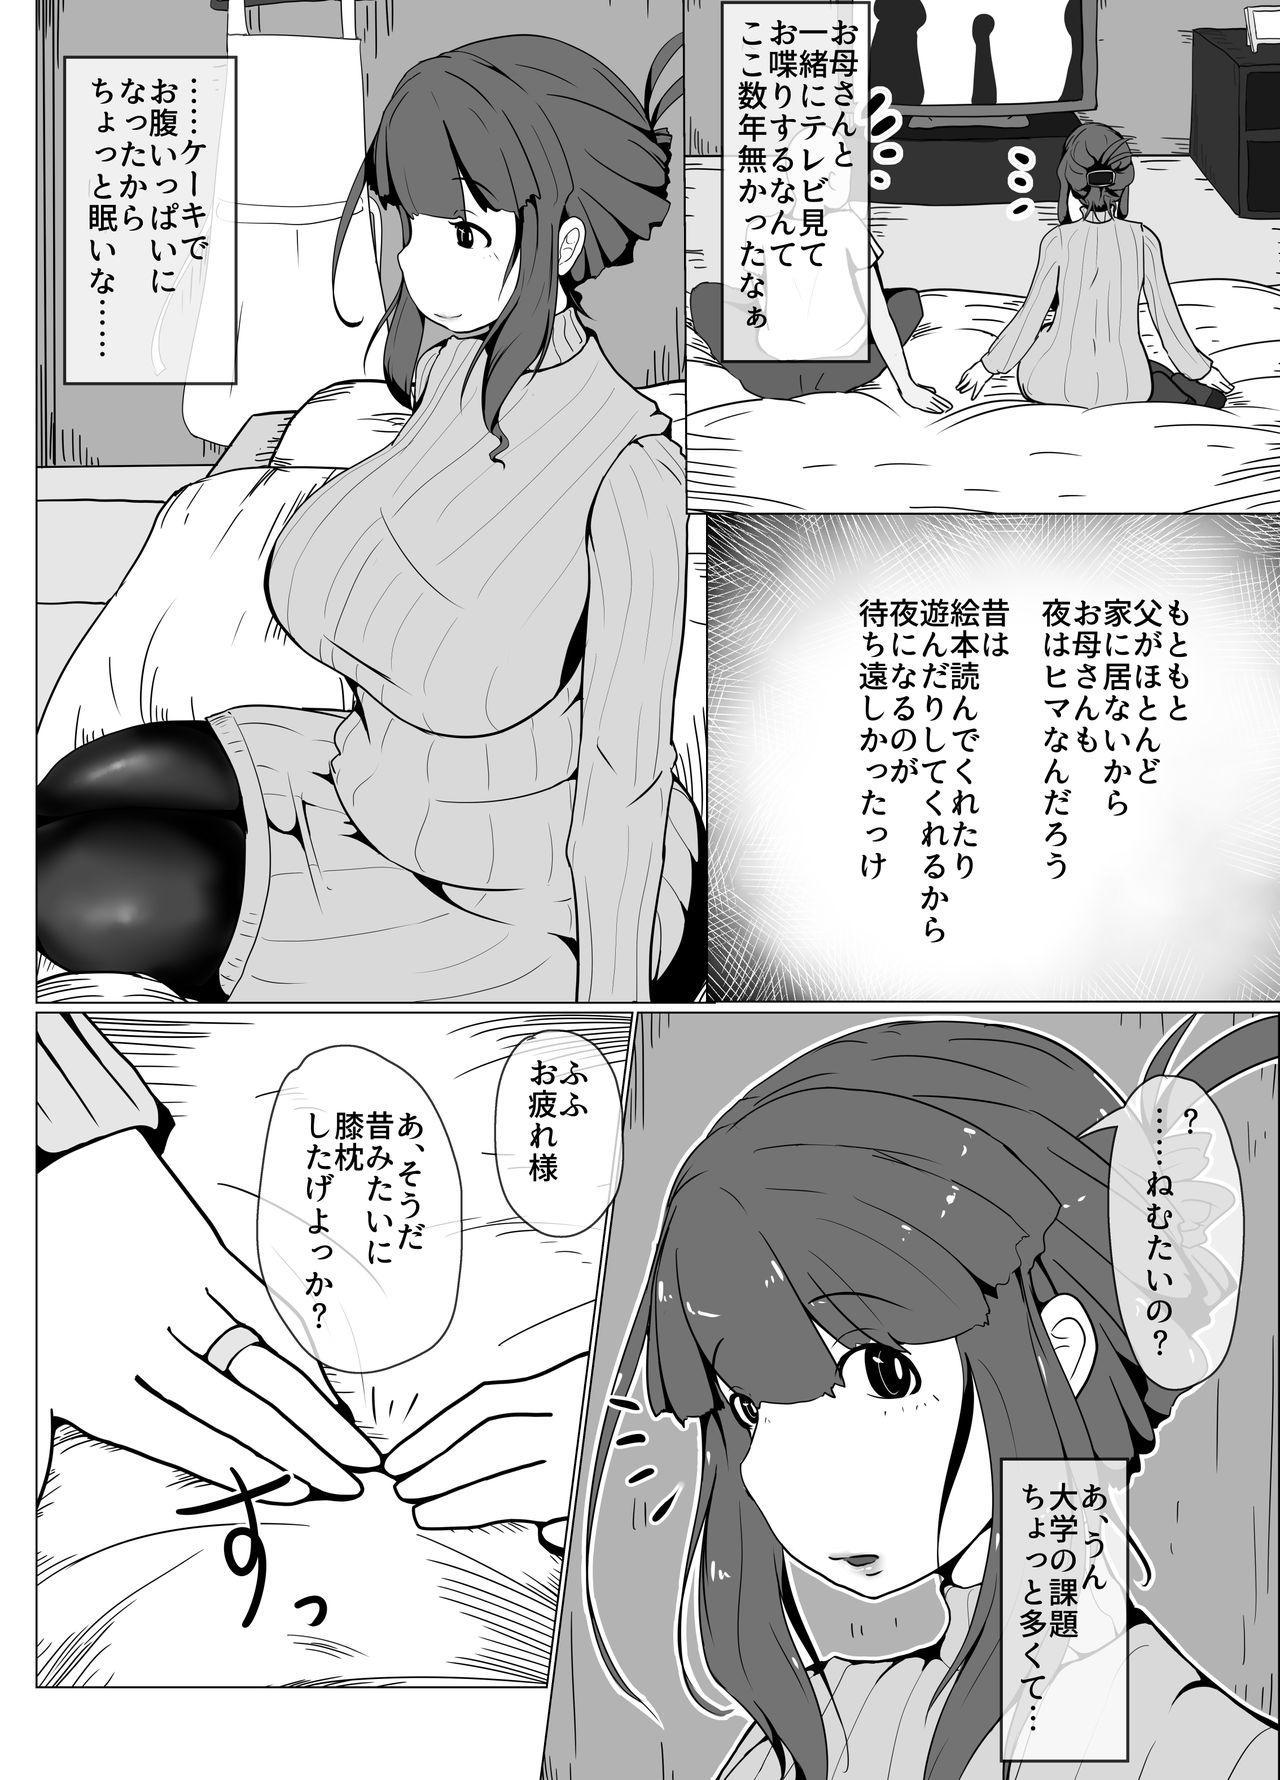 Okaa-san to Kiss Shiyou 13